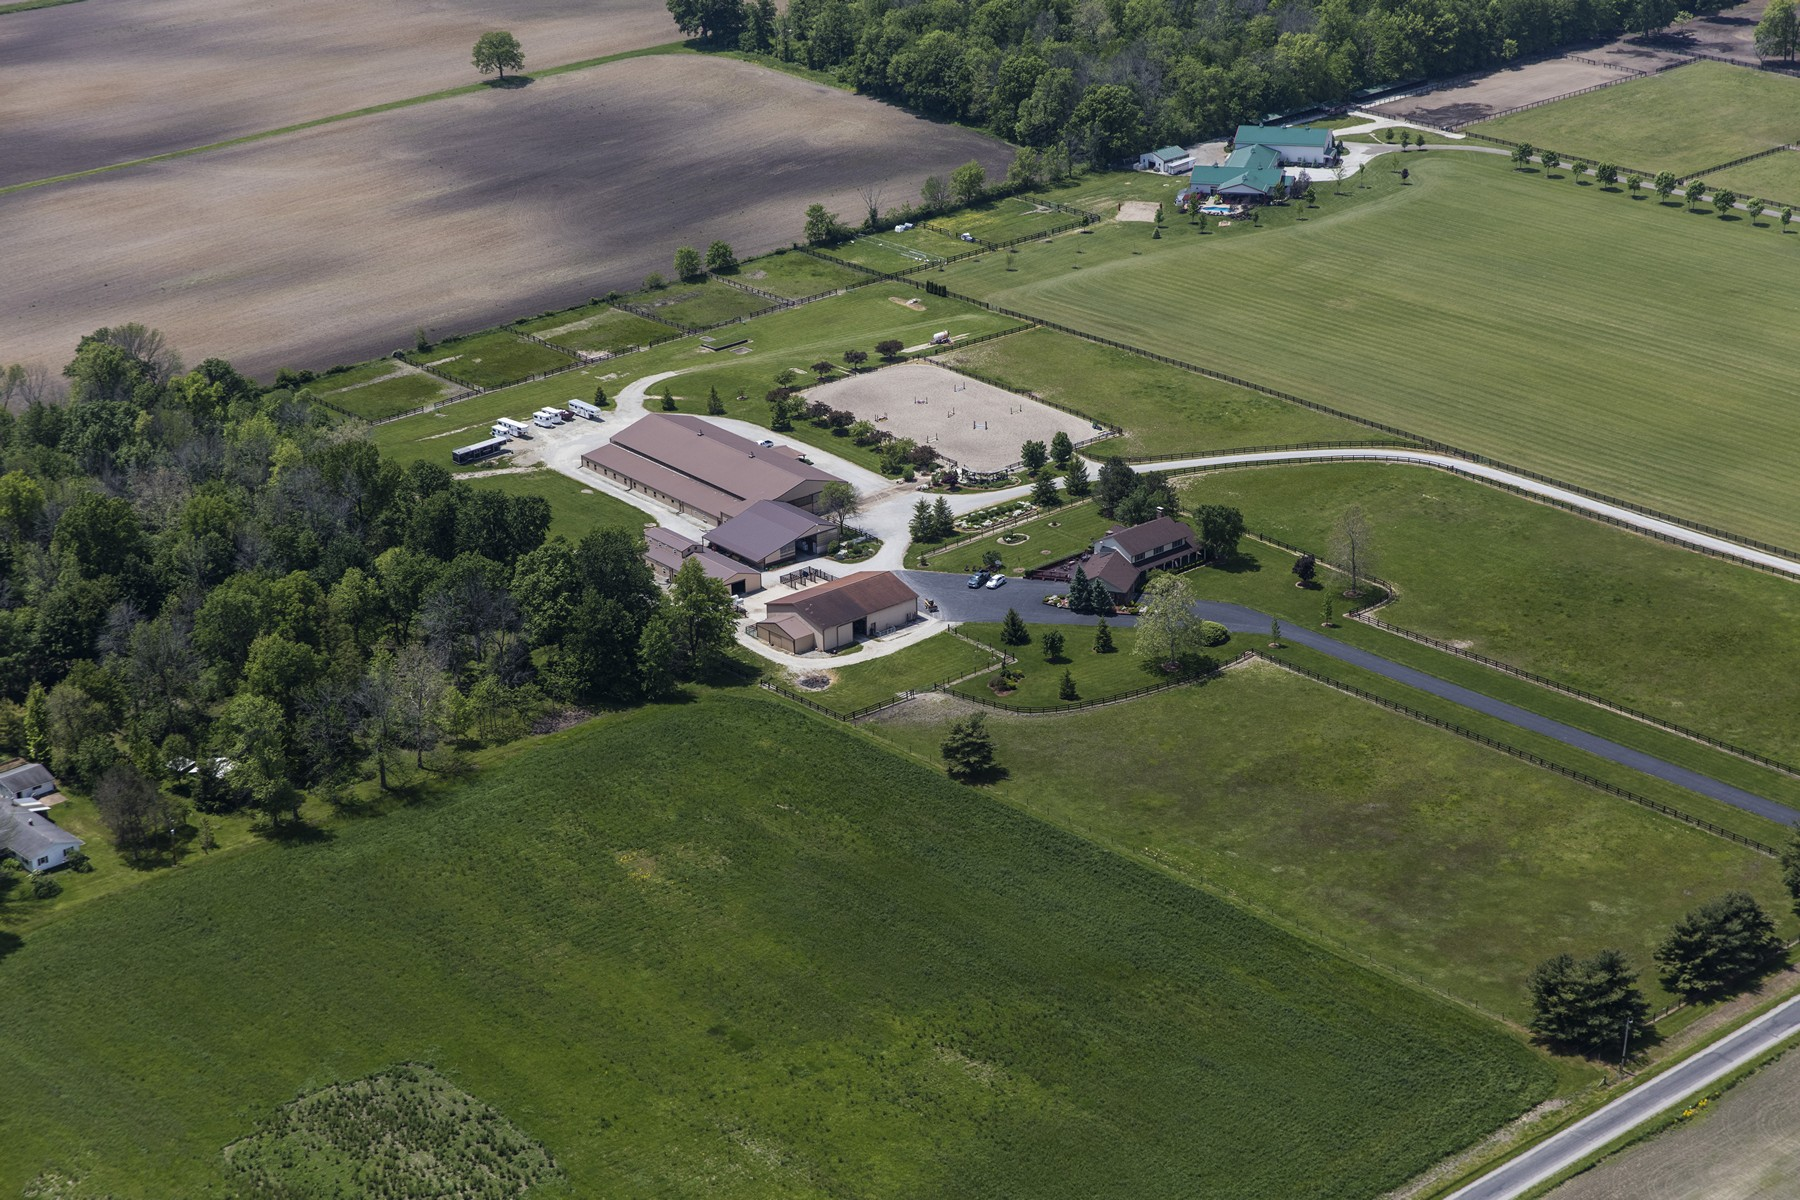 独户住宅 为 销售 在 Elite Equine Property 7829 E 100 N 宰恩斯维尔, 印第安纳州 46075 美国